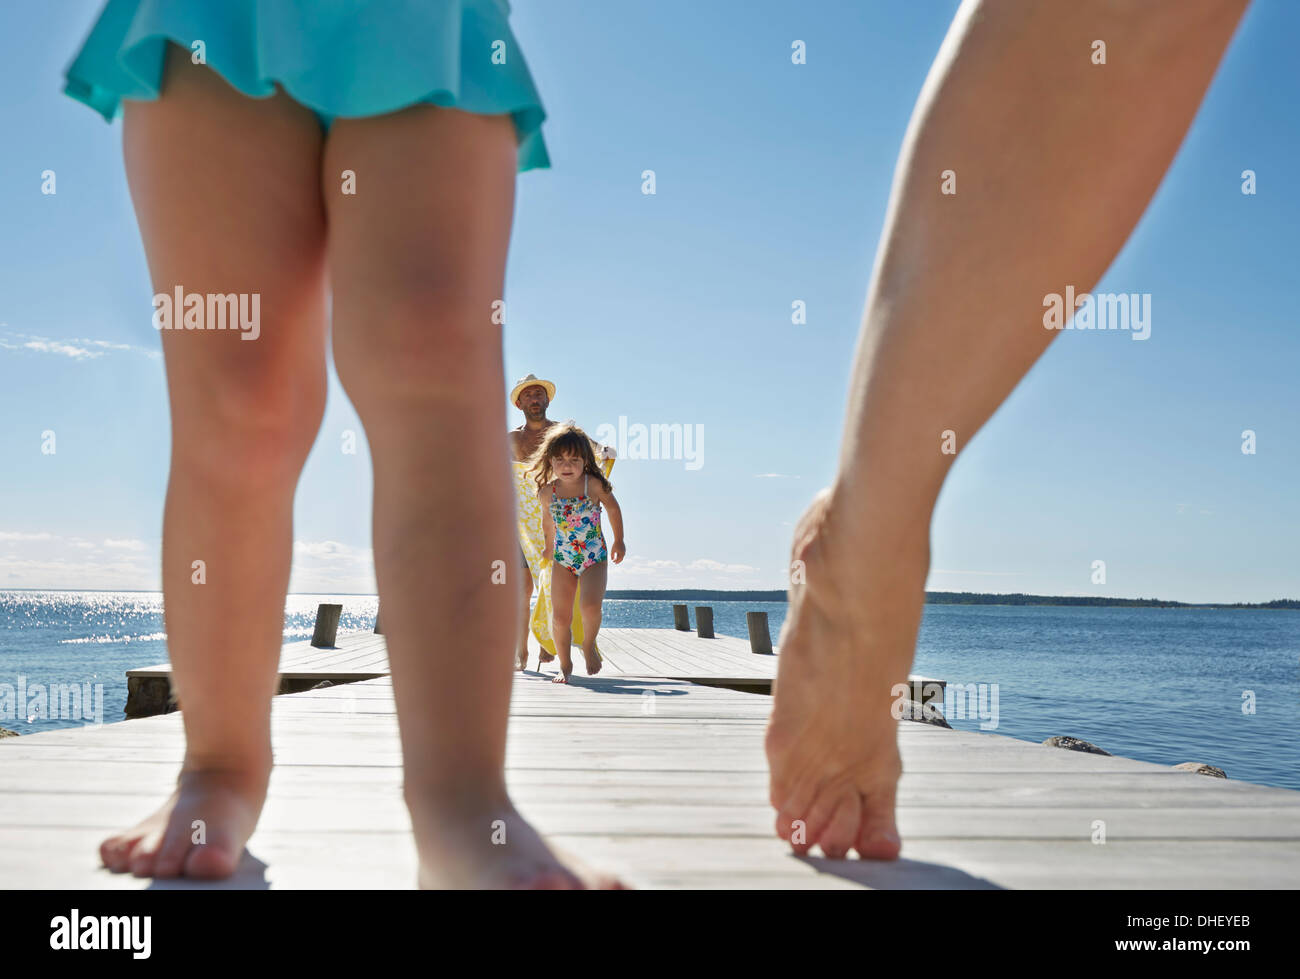 Nahaufnahme von Familie gehen auf Pier, Utvalnas, Hotels, Schweden Stockbild